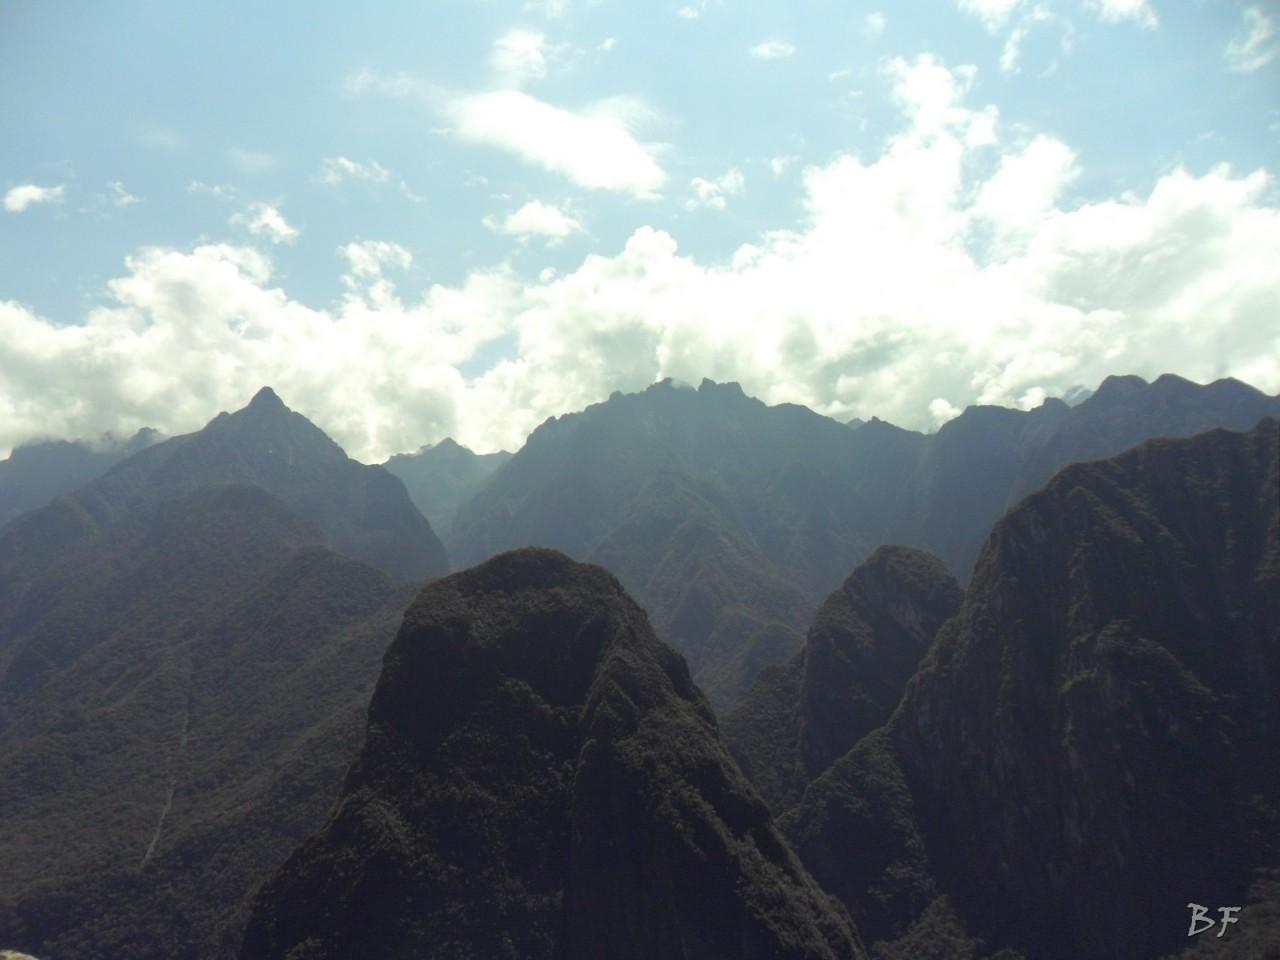 Mura-Poligonali-Incisioni-Altari-Edifici-Rupestri-Megaliti-Machu-Picchu-Aguas-Calientes-Urubamba-Cusco-Perù-21